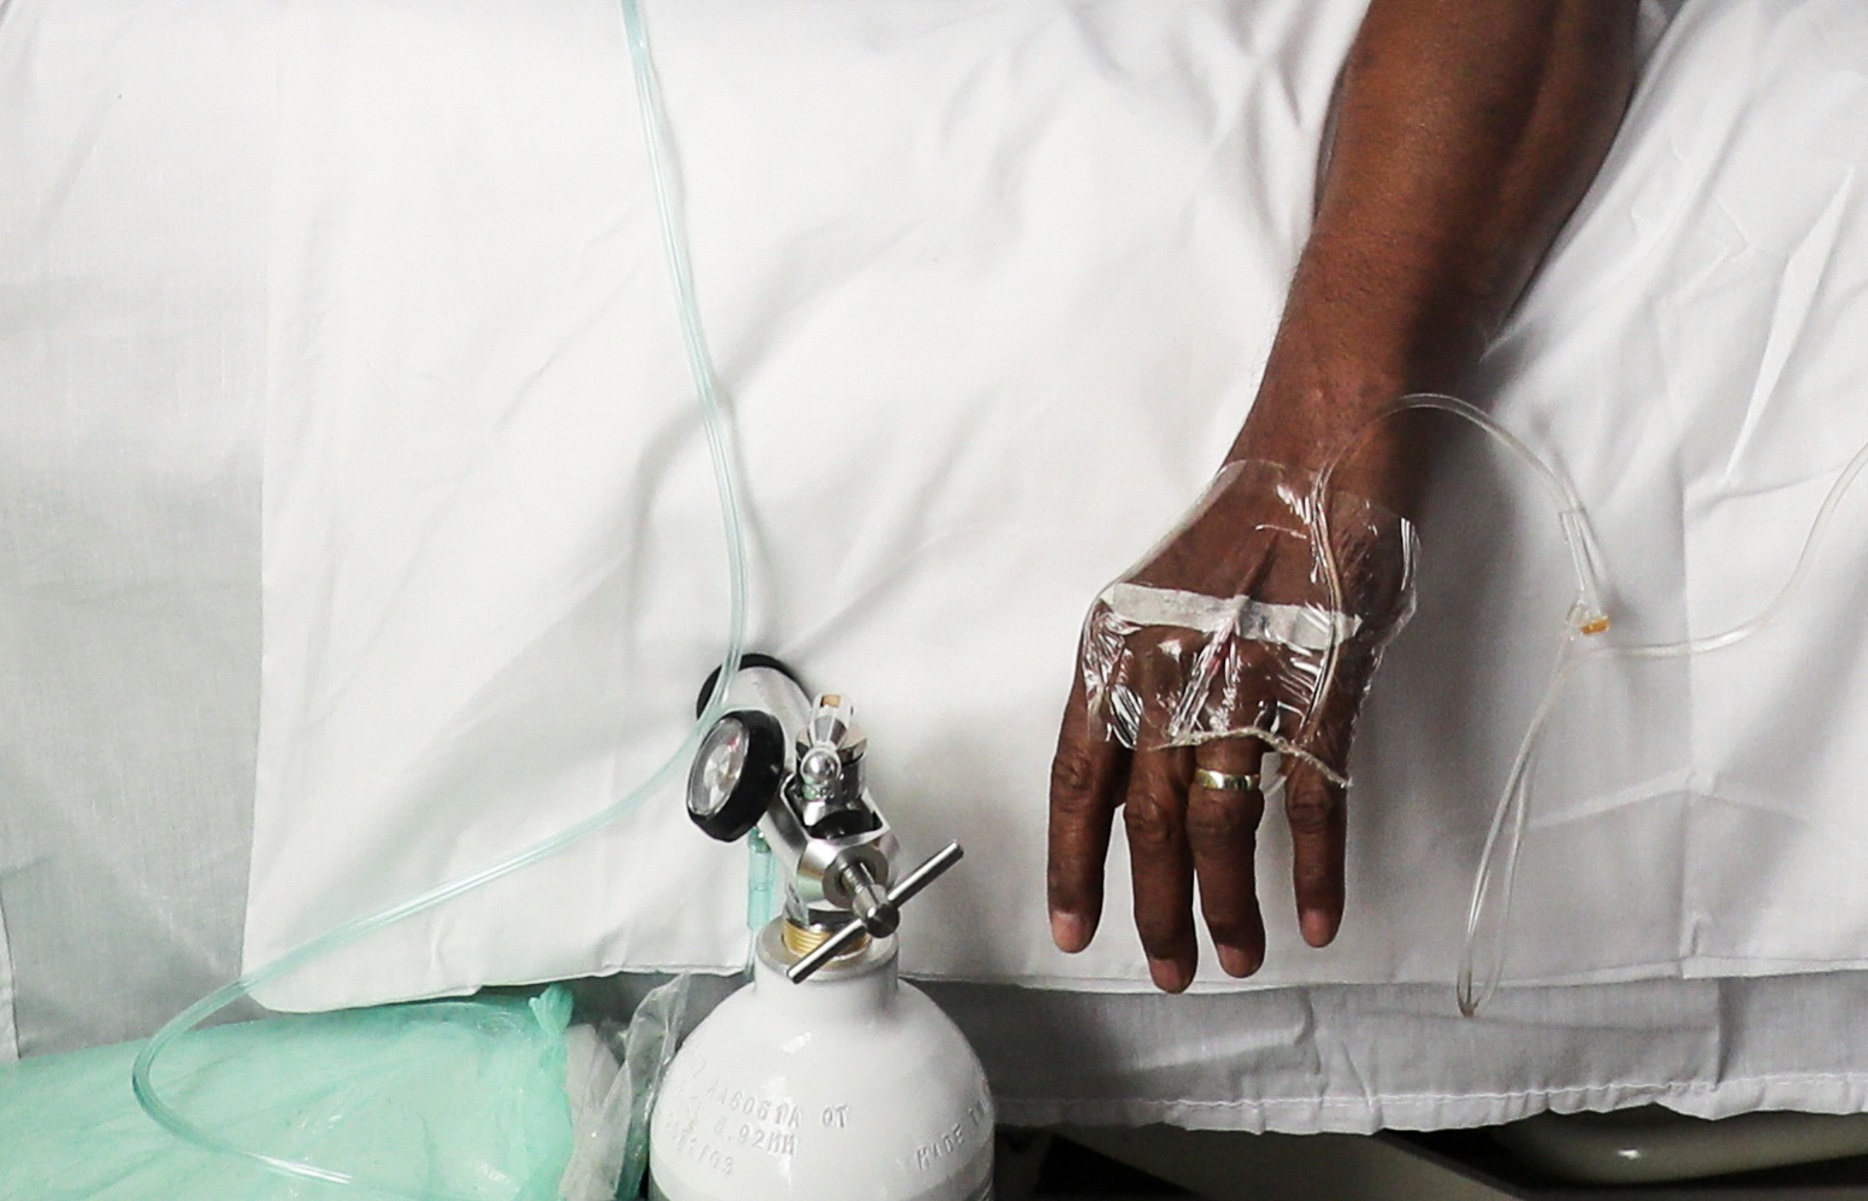 Κορονοϊός: Η «ξεχωριστή» μετάλλαξη Δέλτα φέρνει νέα εμπόδια στην αντιμετώπιση της πανδημίας